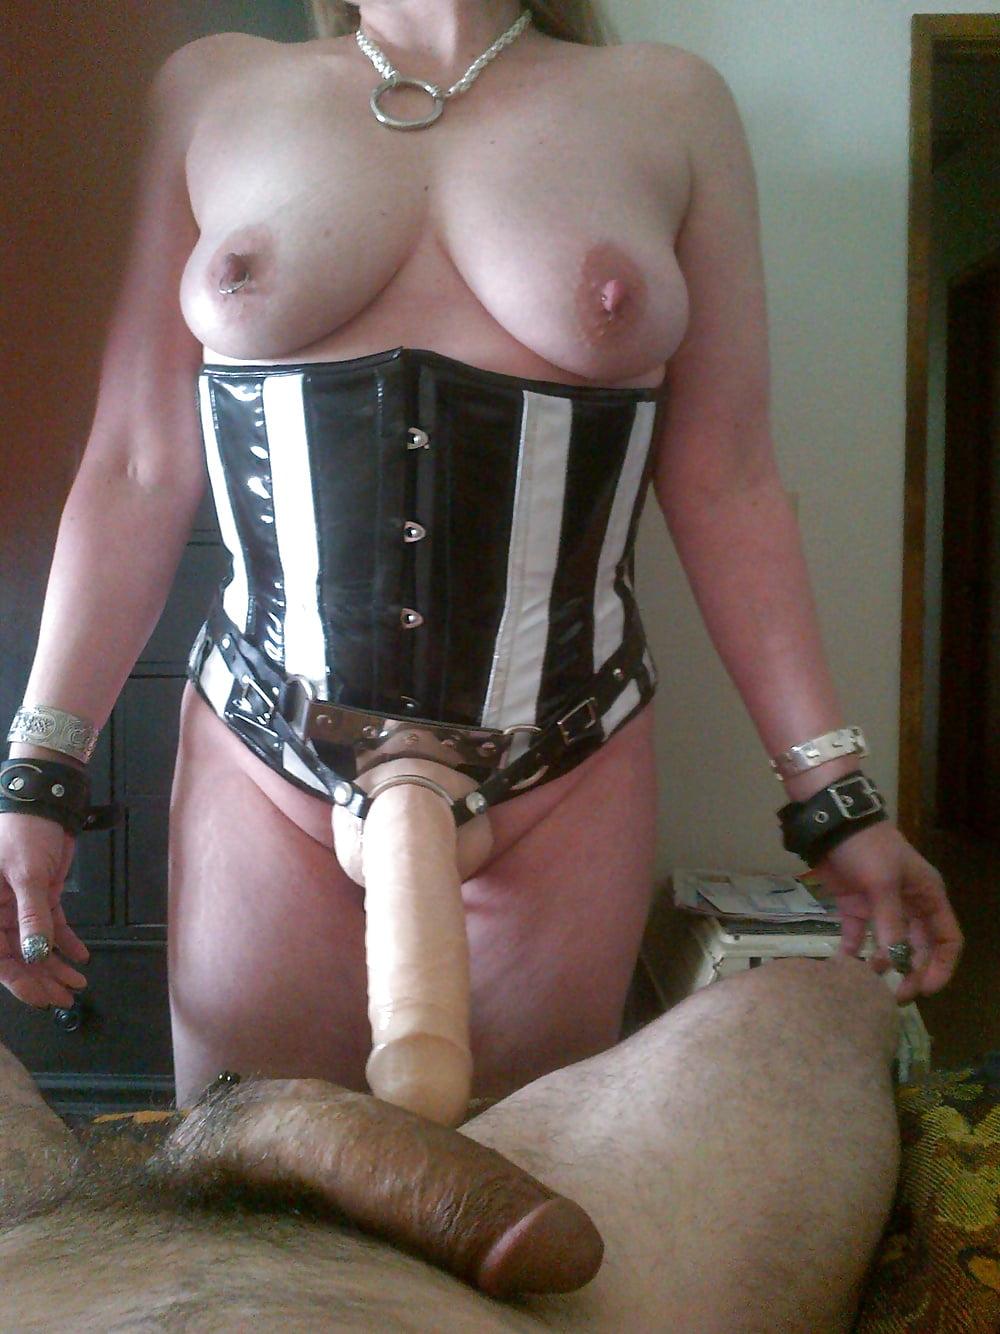 Женщина со страпоном фото ролики, порно милиционер и его стажерка